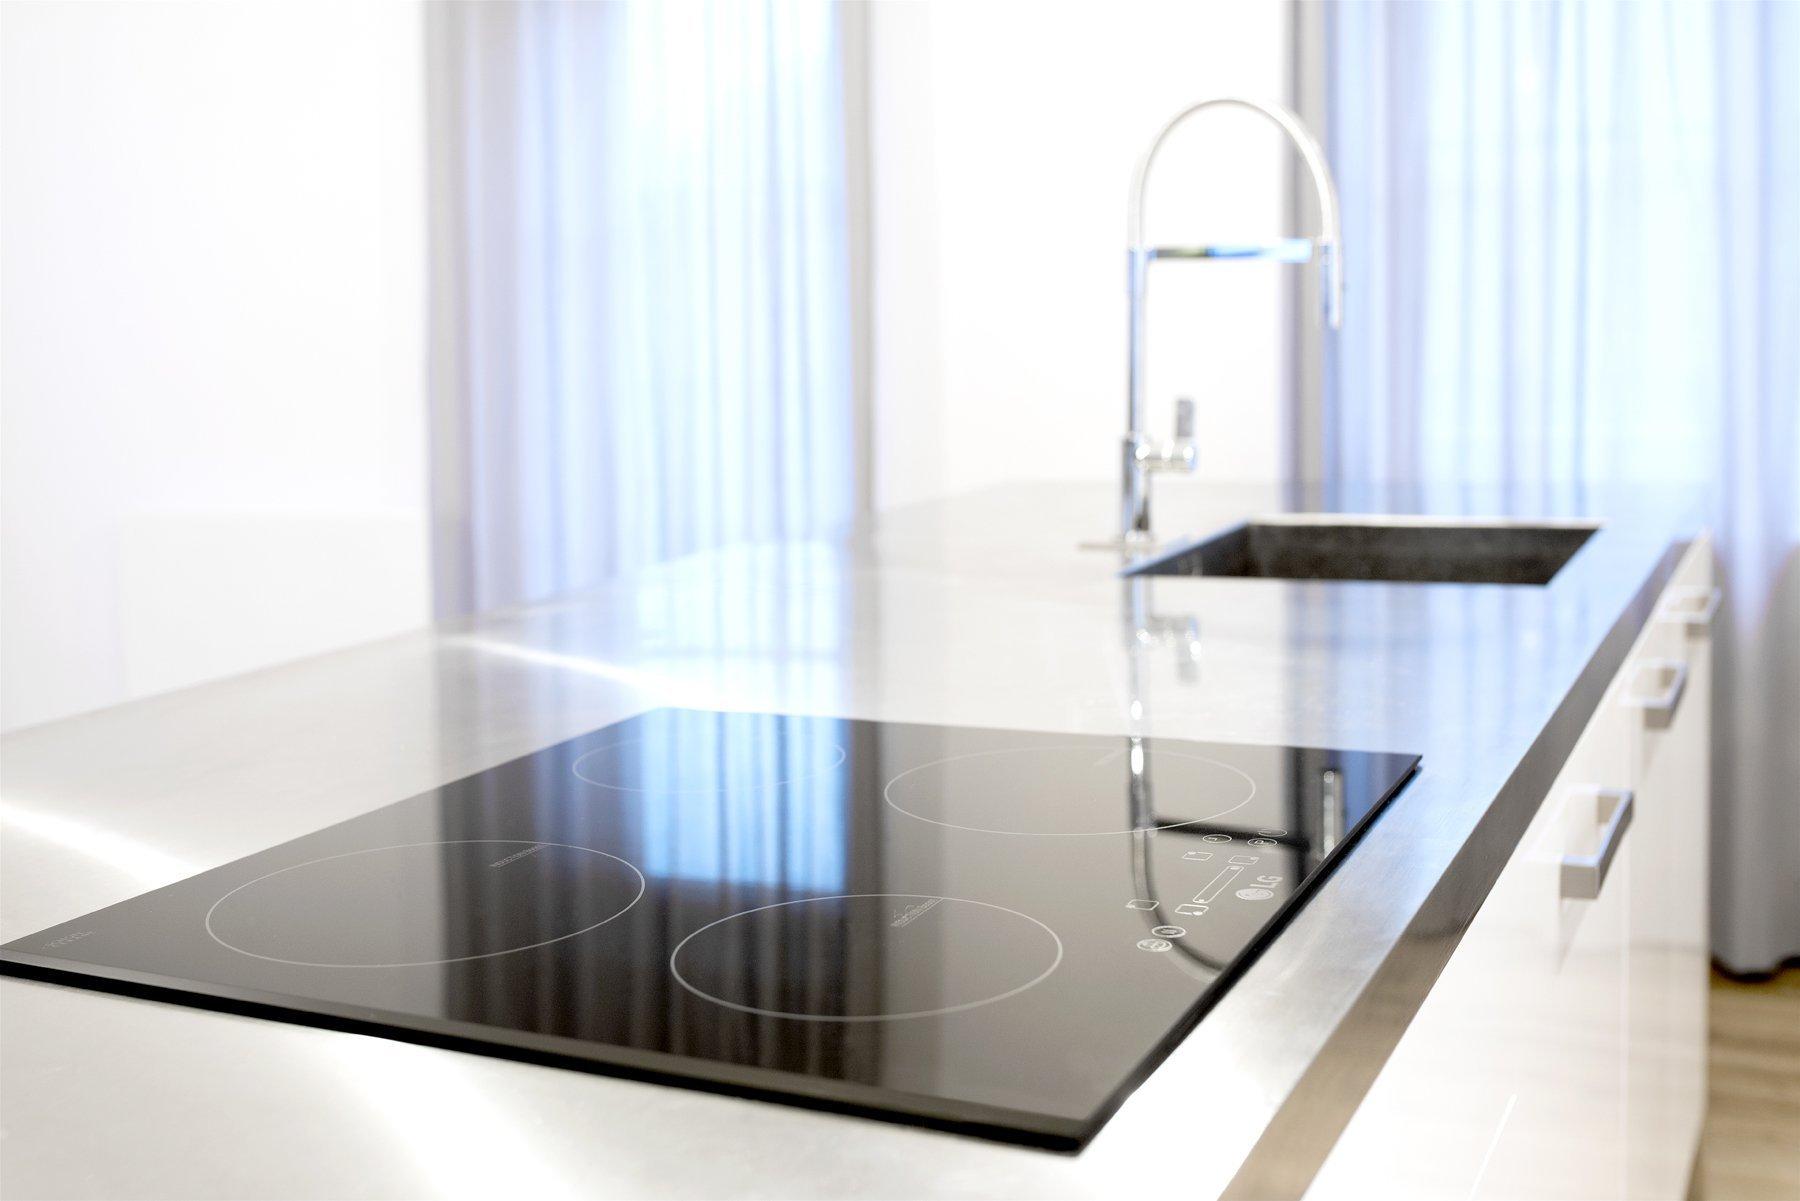 Sofistikovaný moderní vzhled kuchyně hraje hlavní roli vobytném prostoru zrekonstruovaného podkrovního bytu. Kuchyně je se zbytkem pokoje, který slouží…